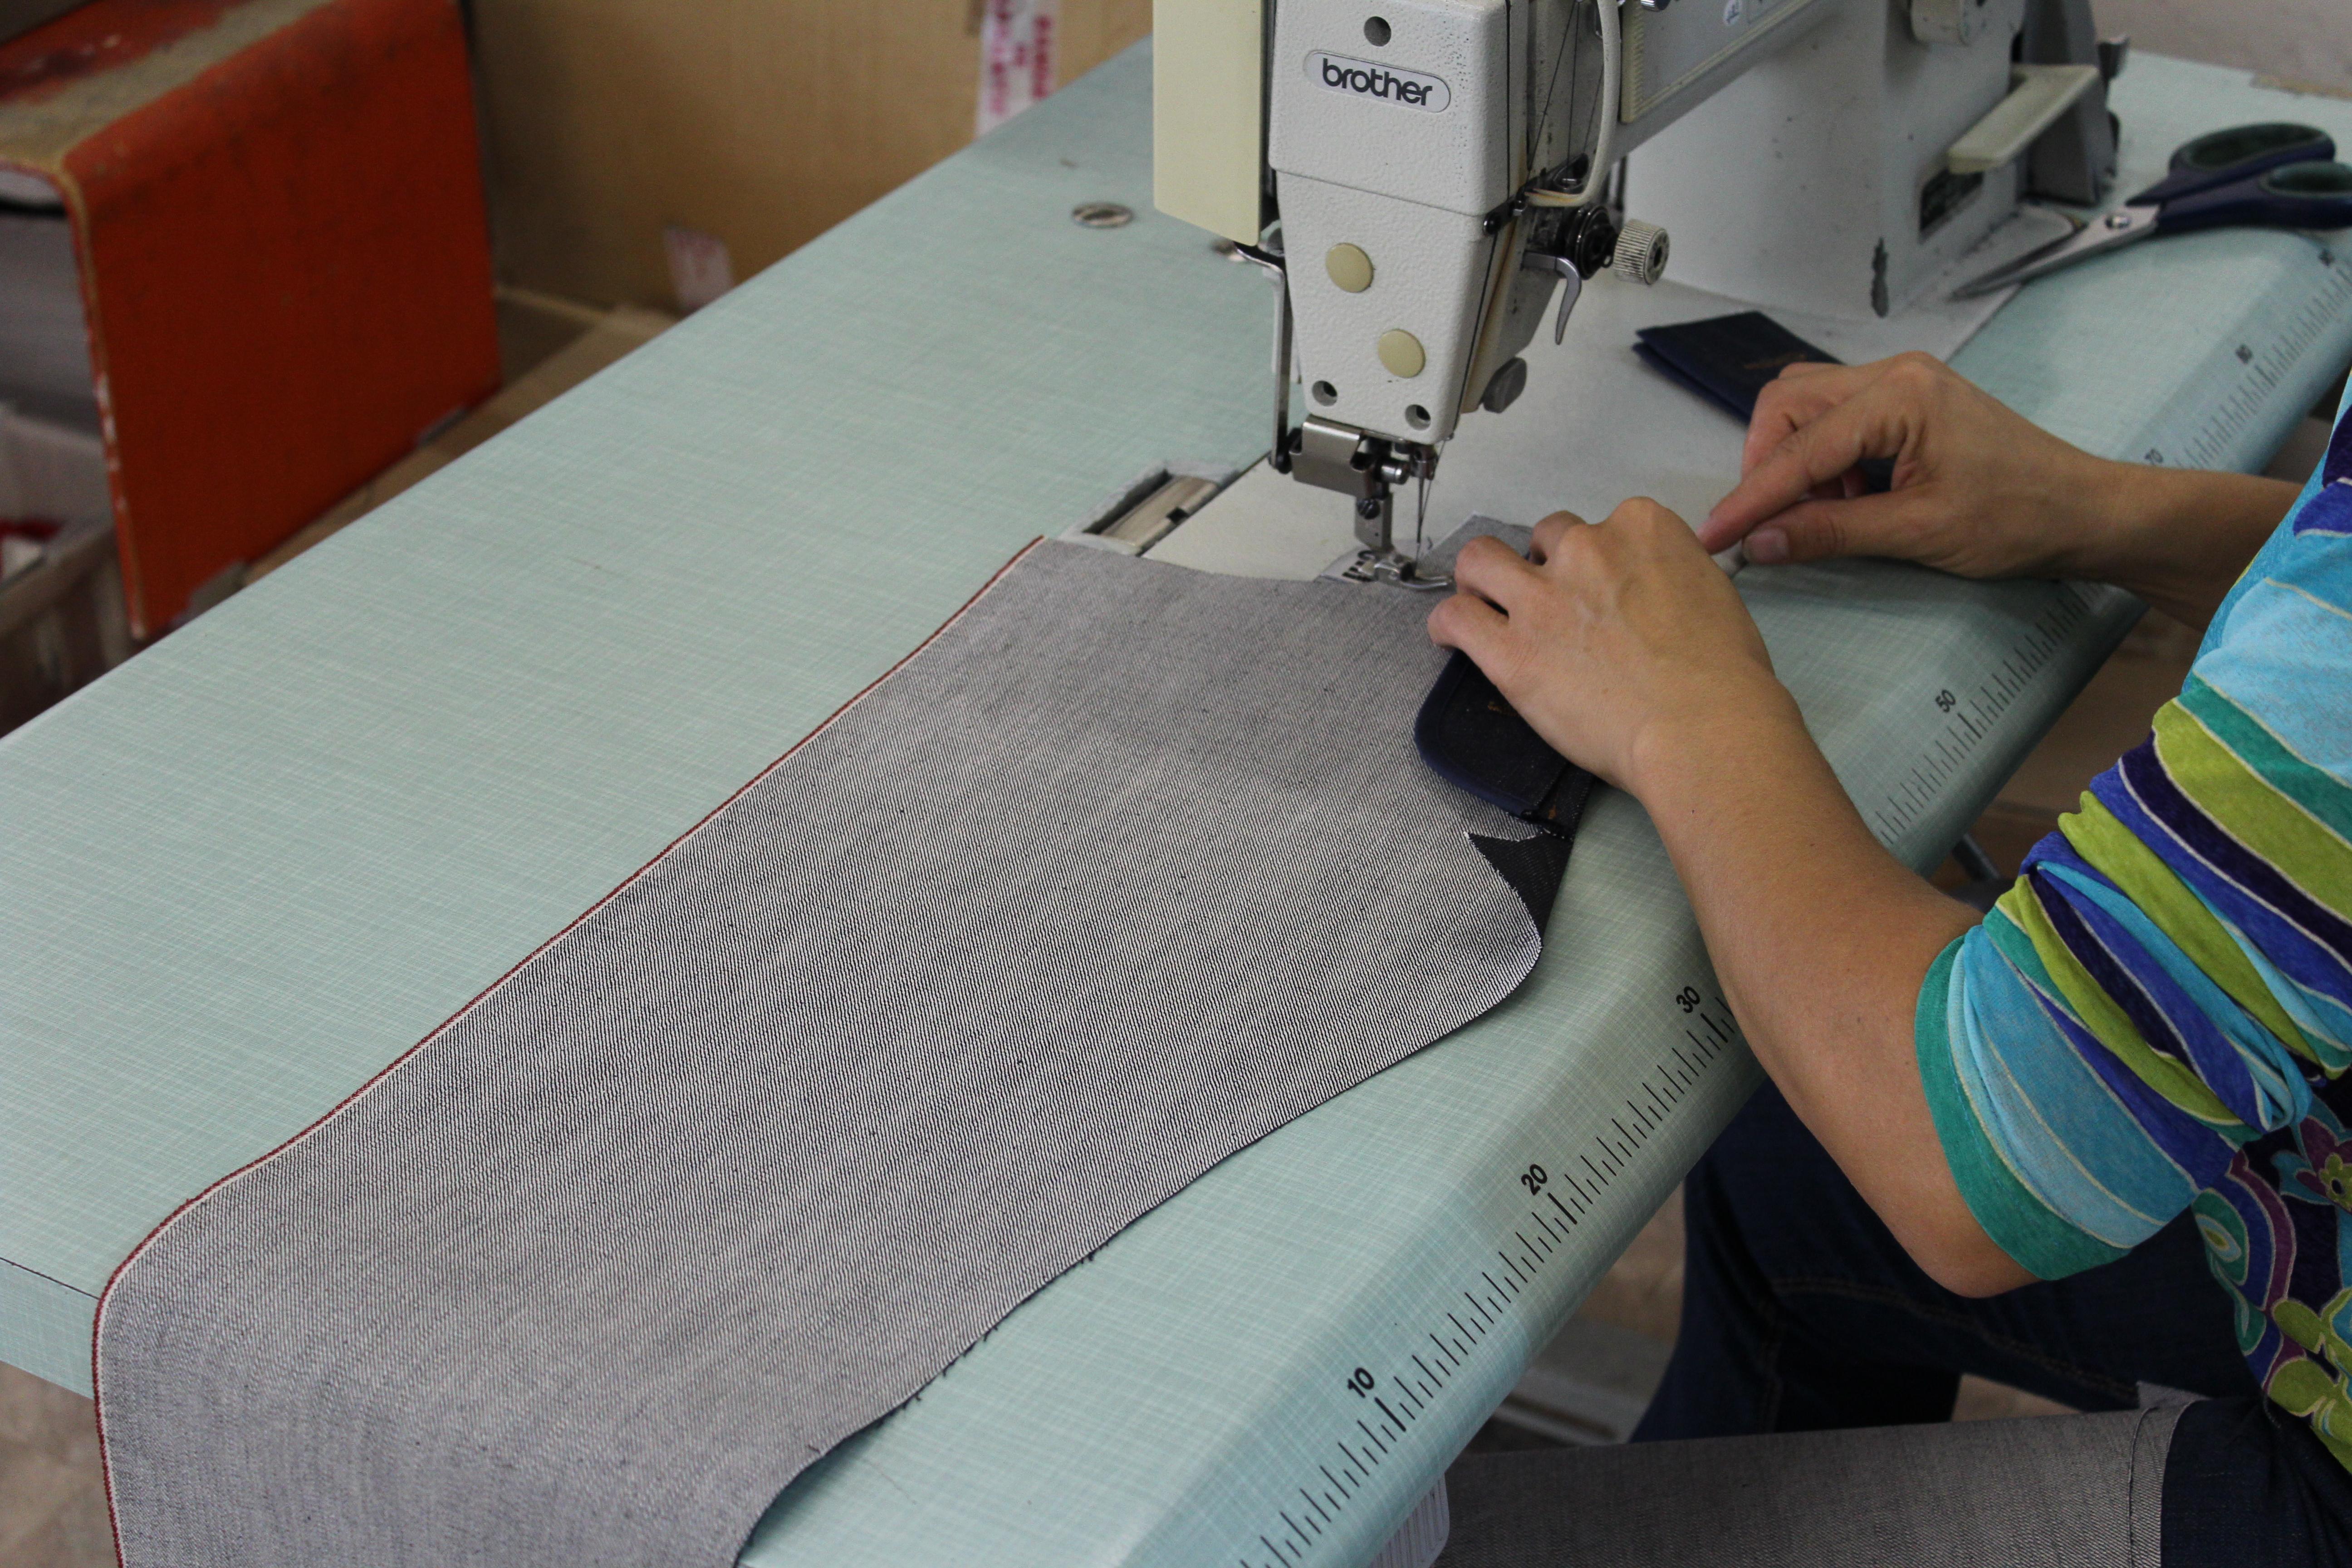 Ateliers de Nîmes fabricaton handmade artisanat